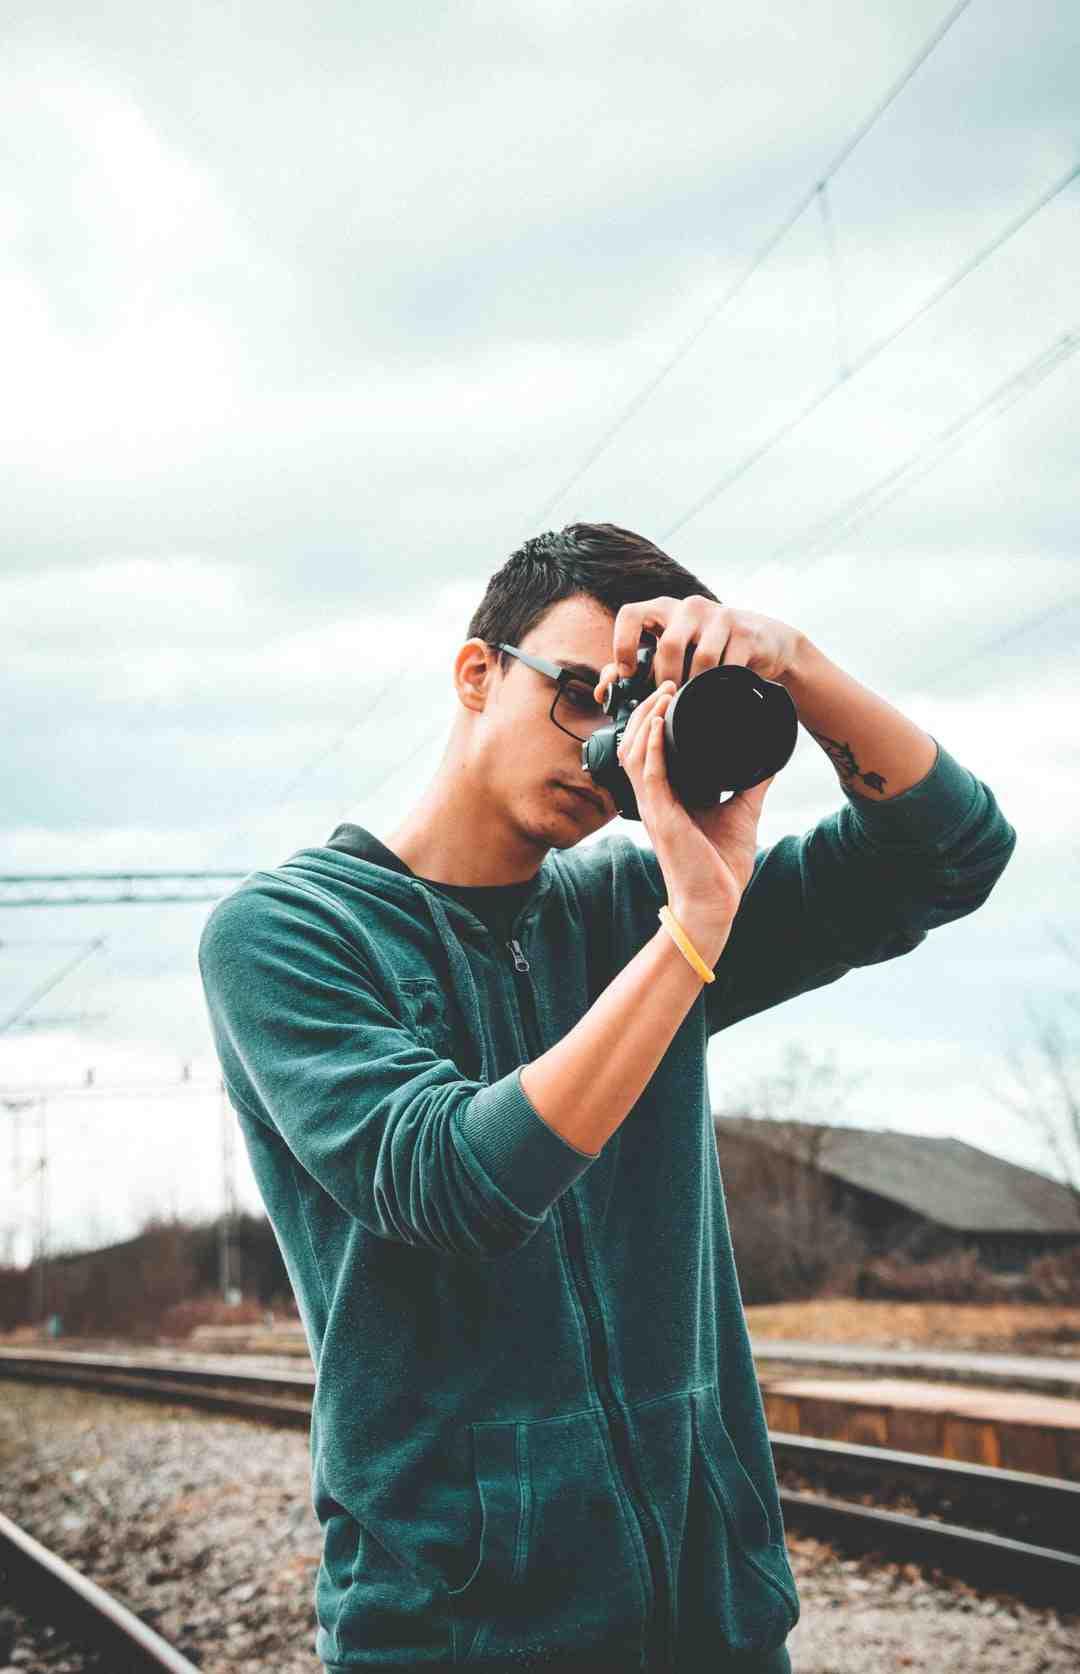 Comment choisir un appareil photo pour smartphone?